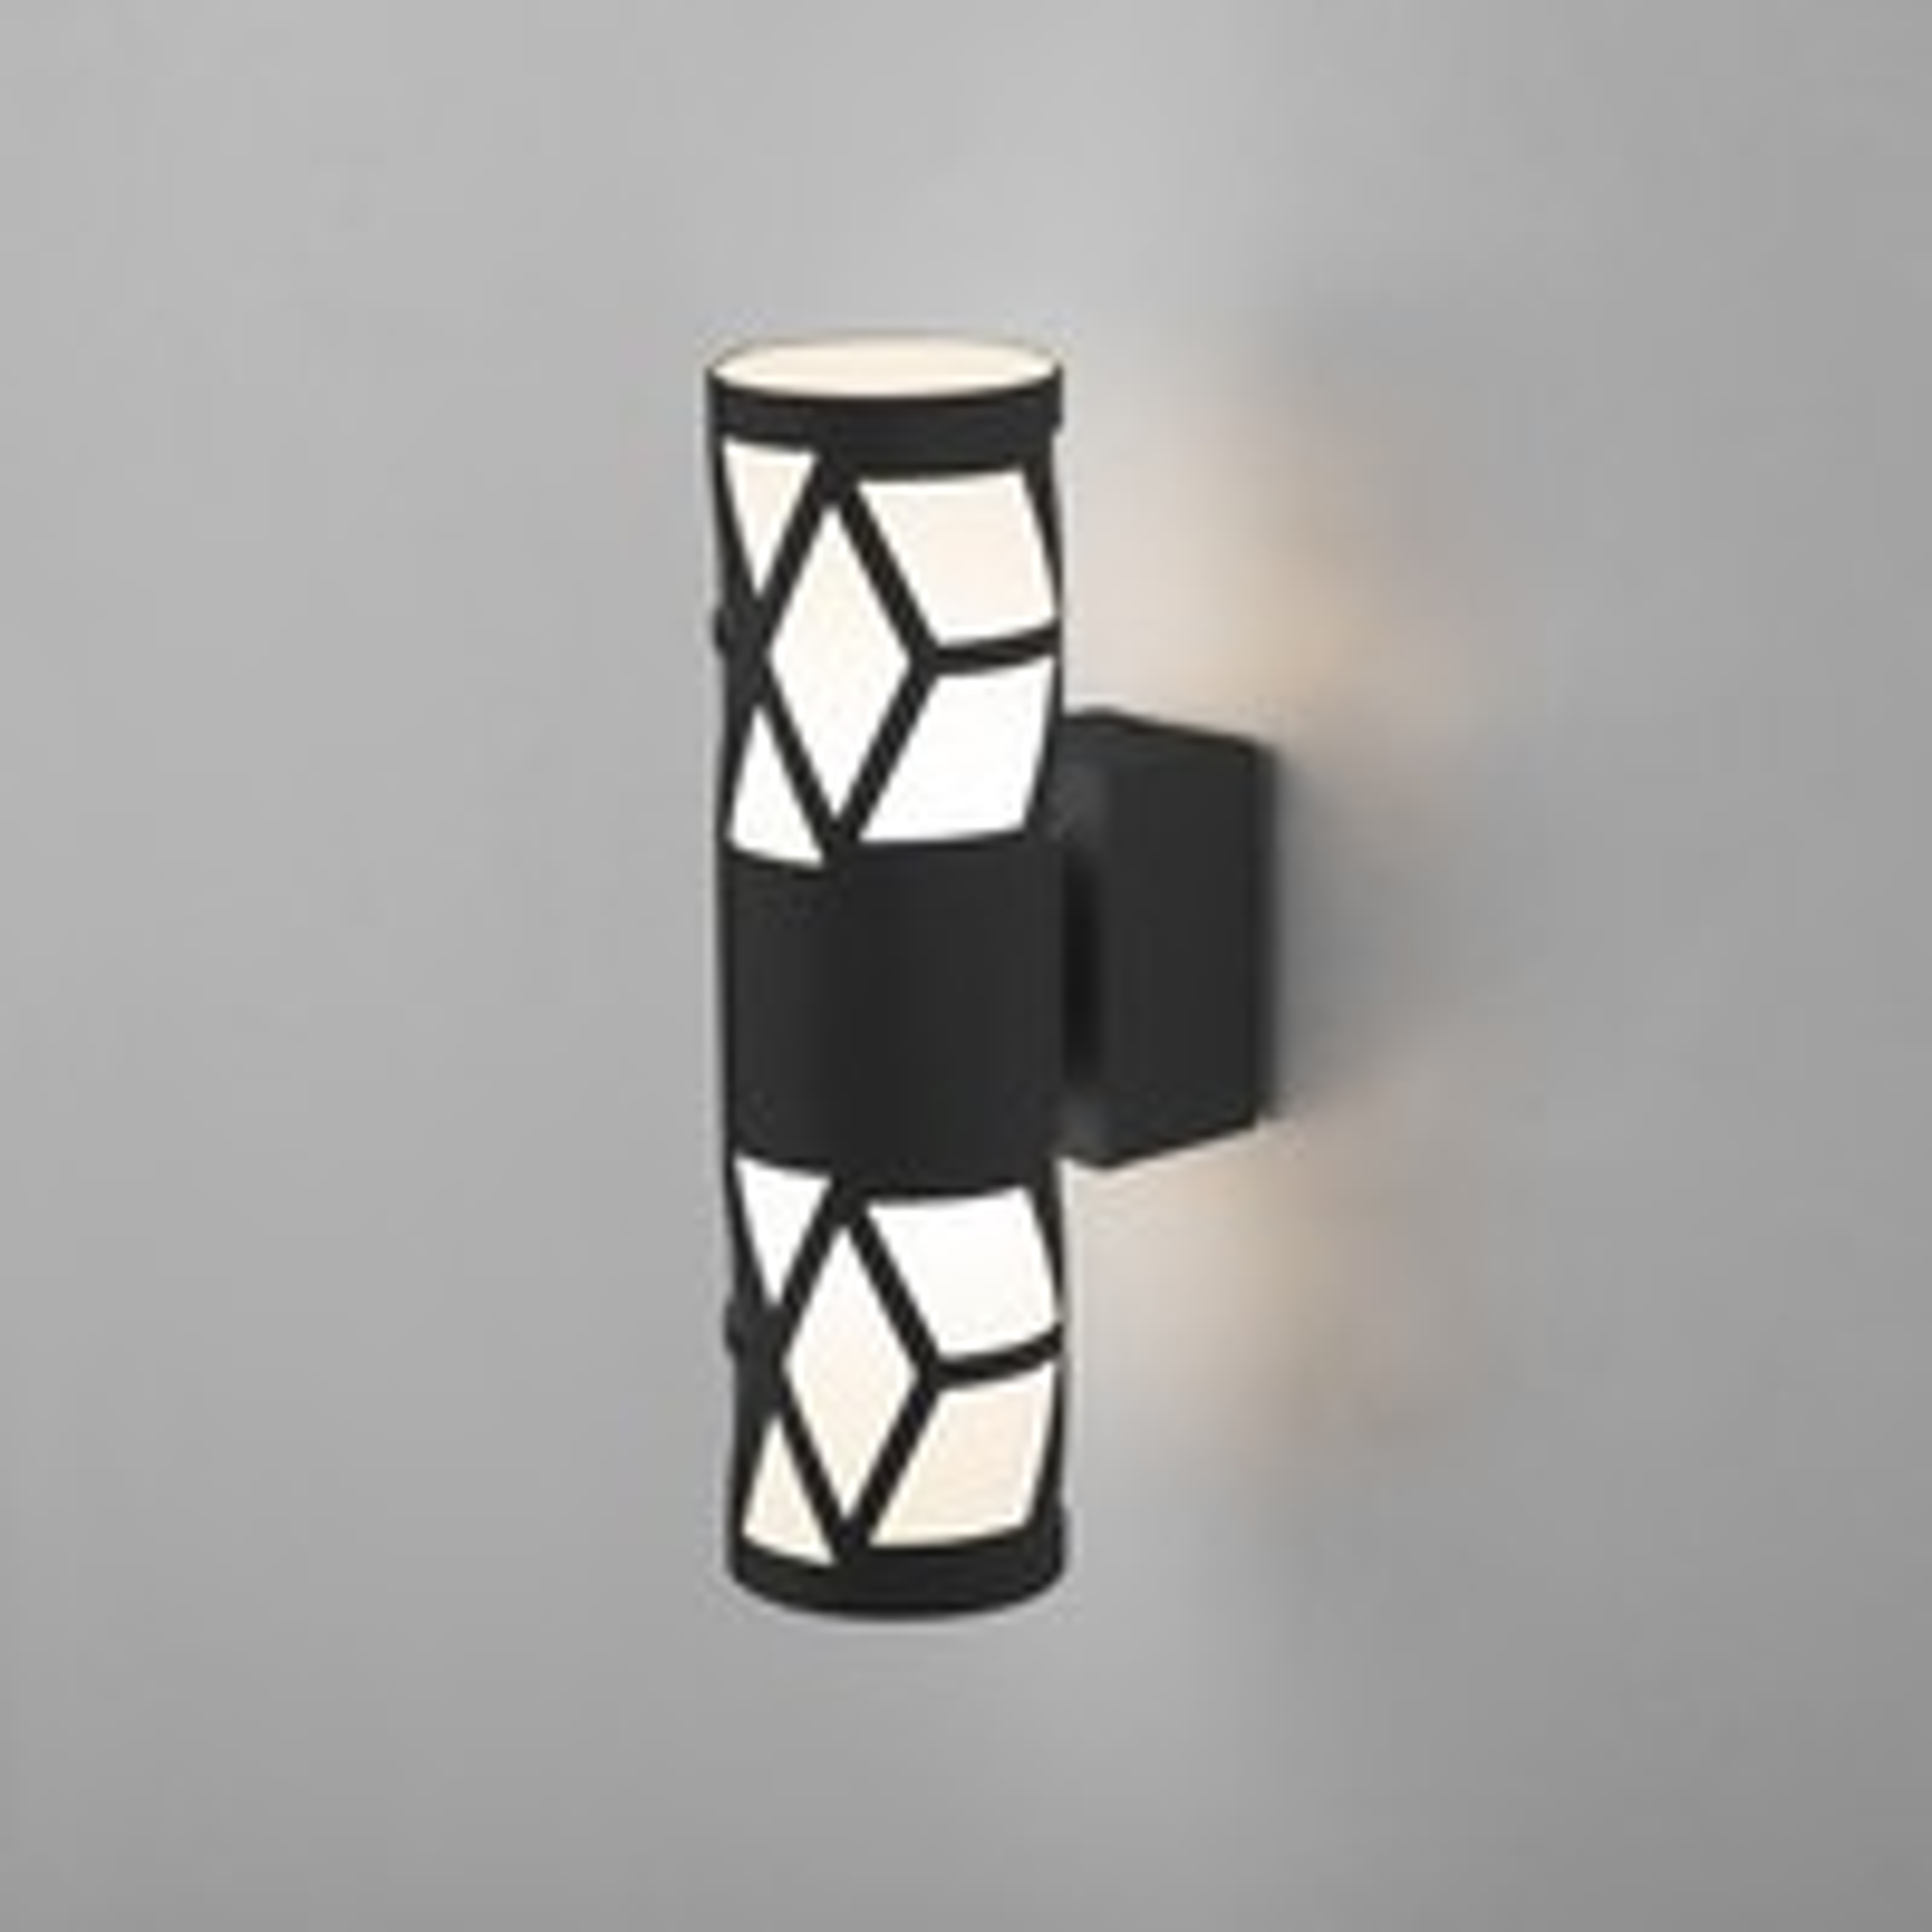 Светильник настенный светод-ый Fanc черный MRL LED 1023